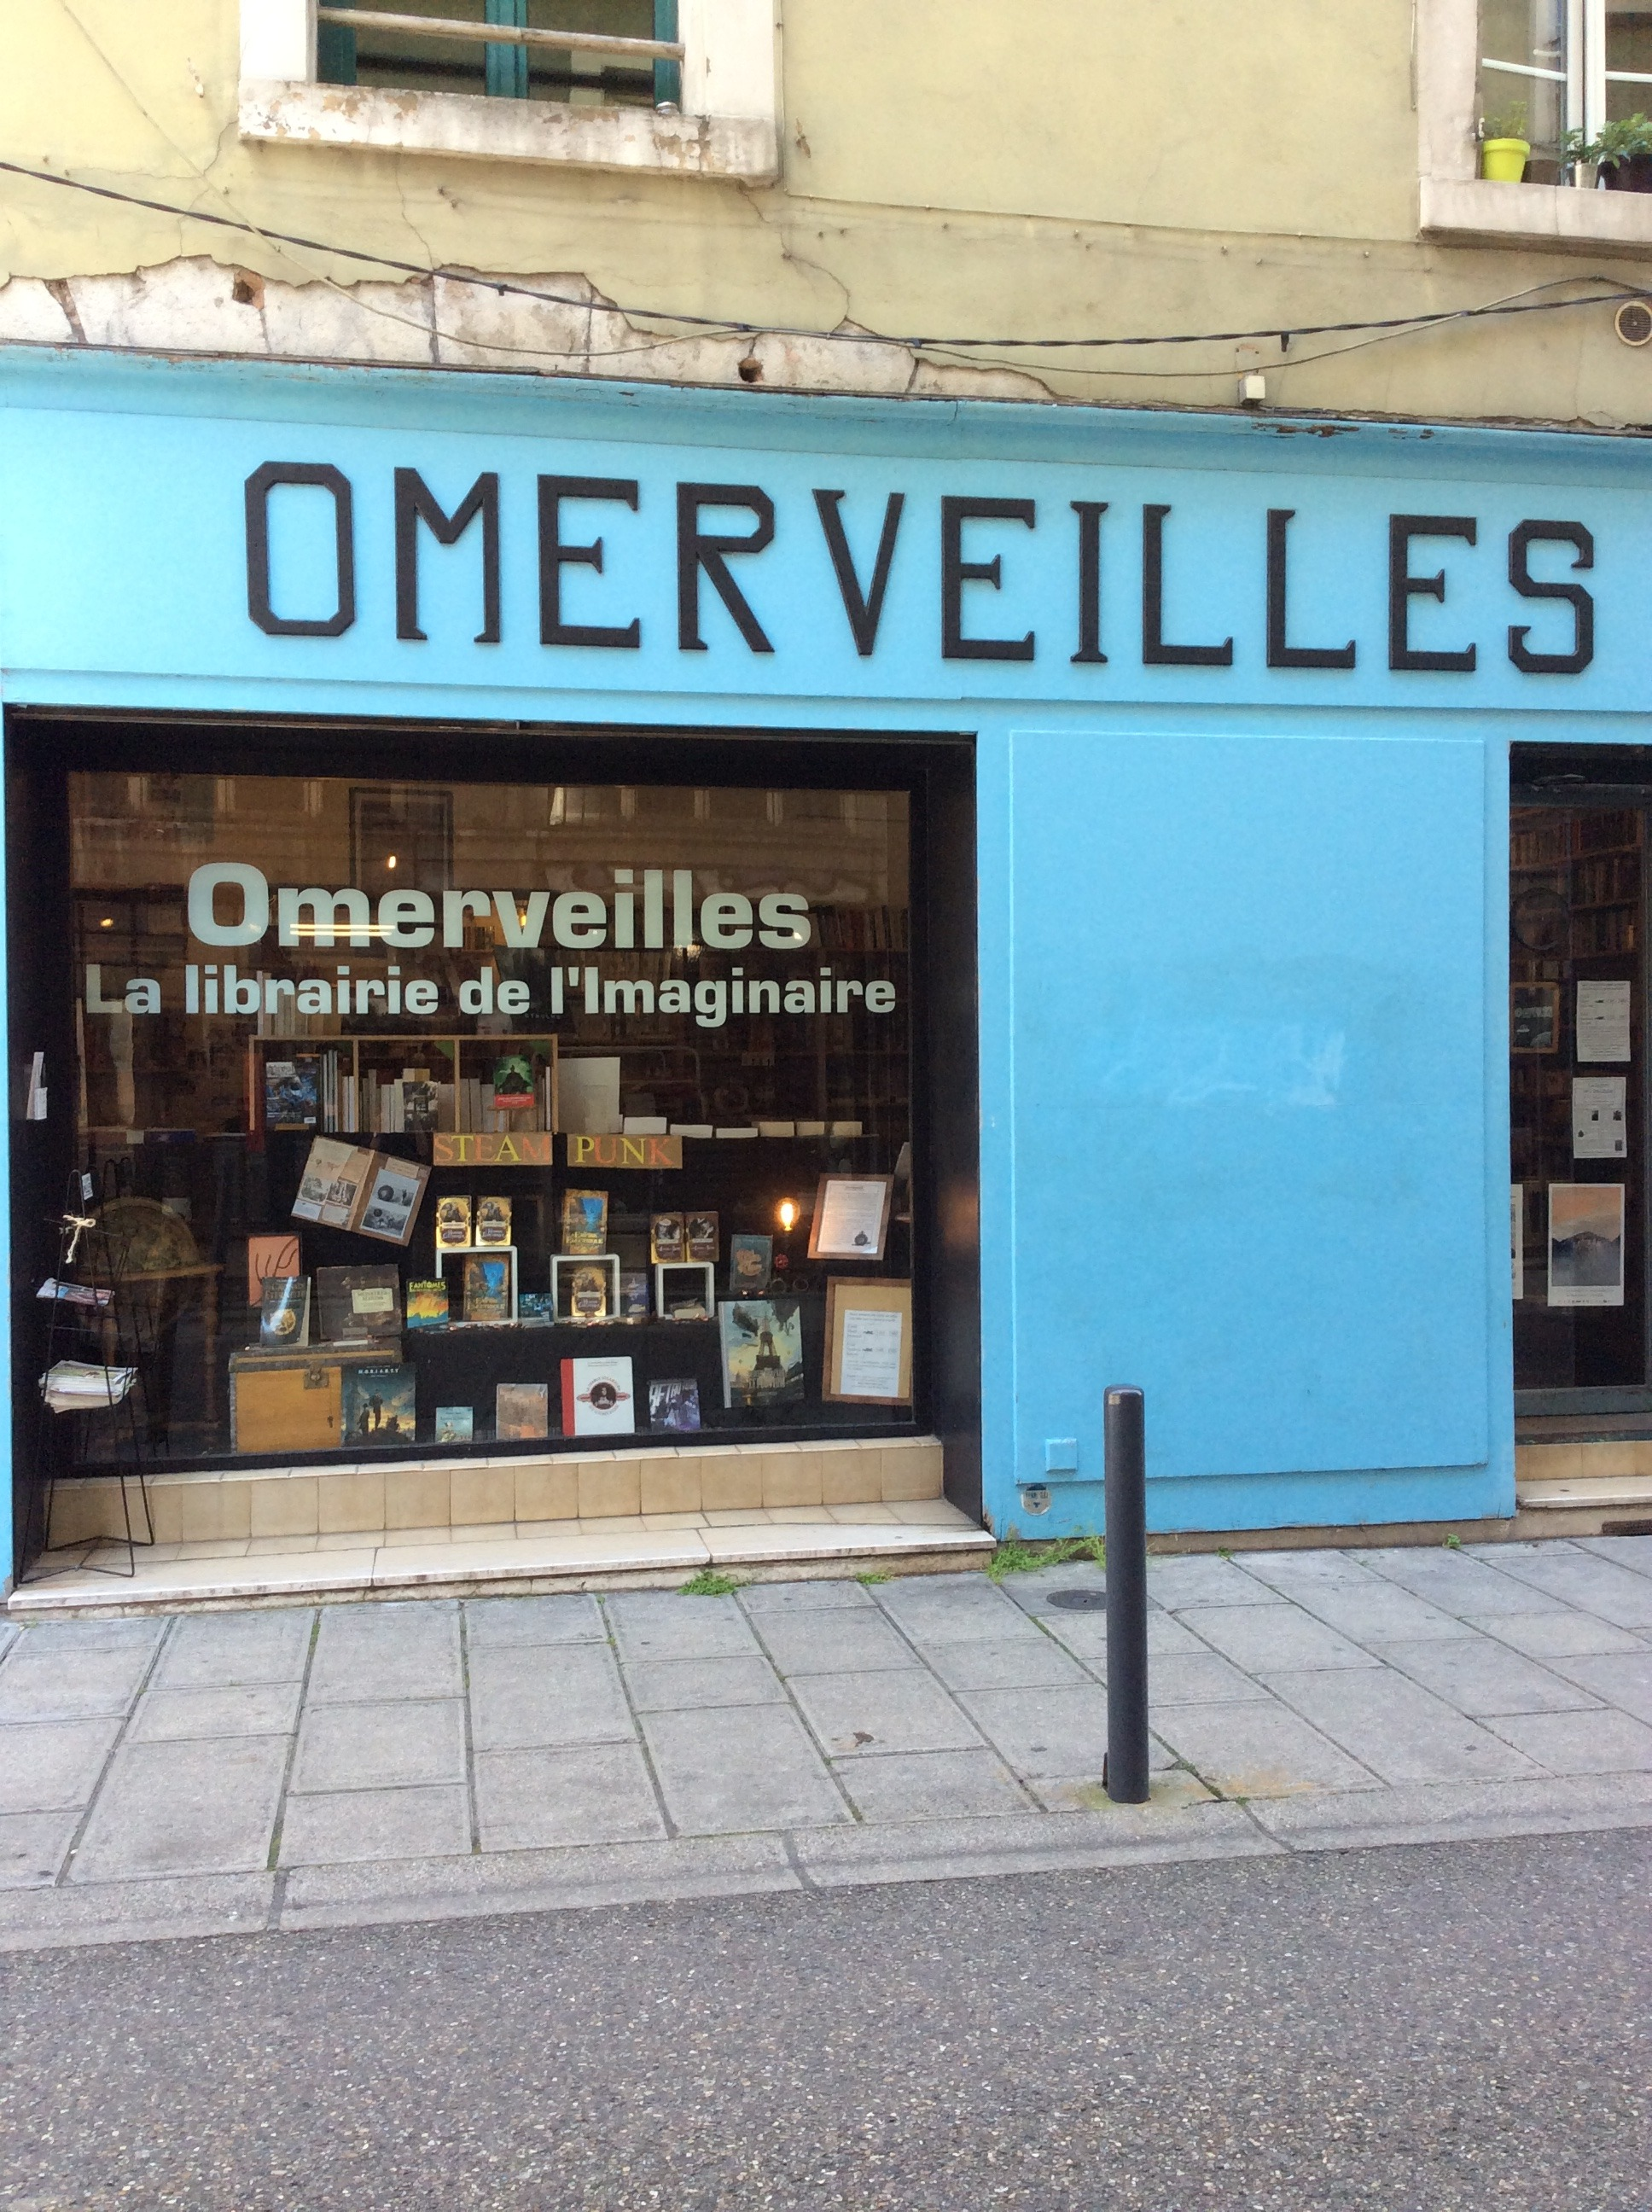 OMERVEILLES